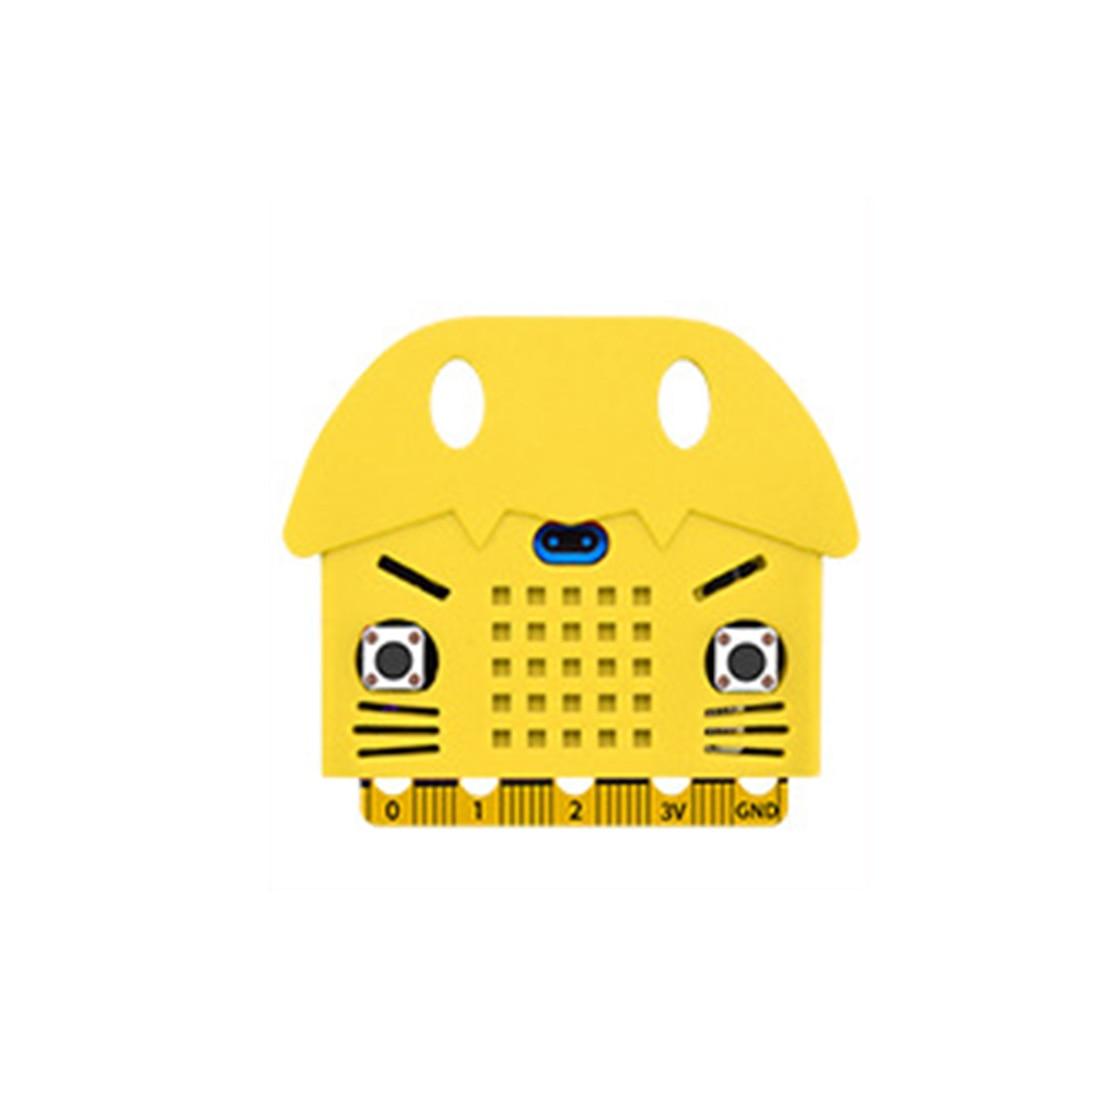 Экологичное уплотнение/тигр/в форме кота силиконовый защитный корпус Крышка корпуса для Micro: Плата расширения бита Bue/красный/оранжевый - Цвет: 2